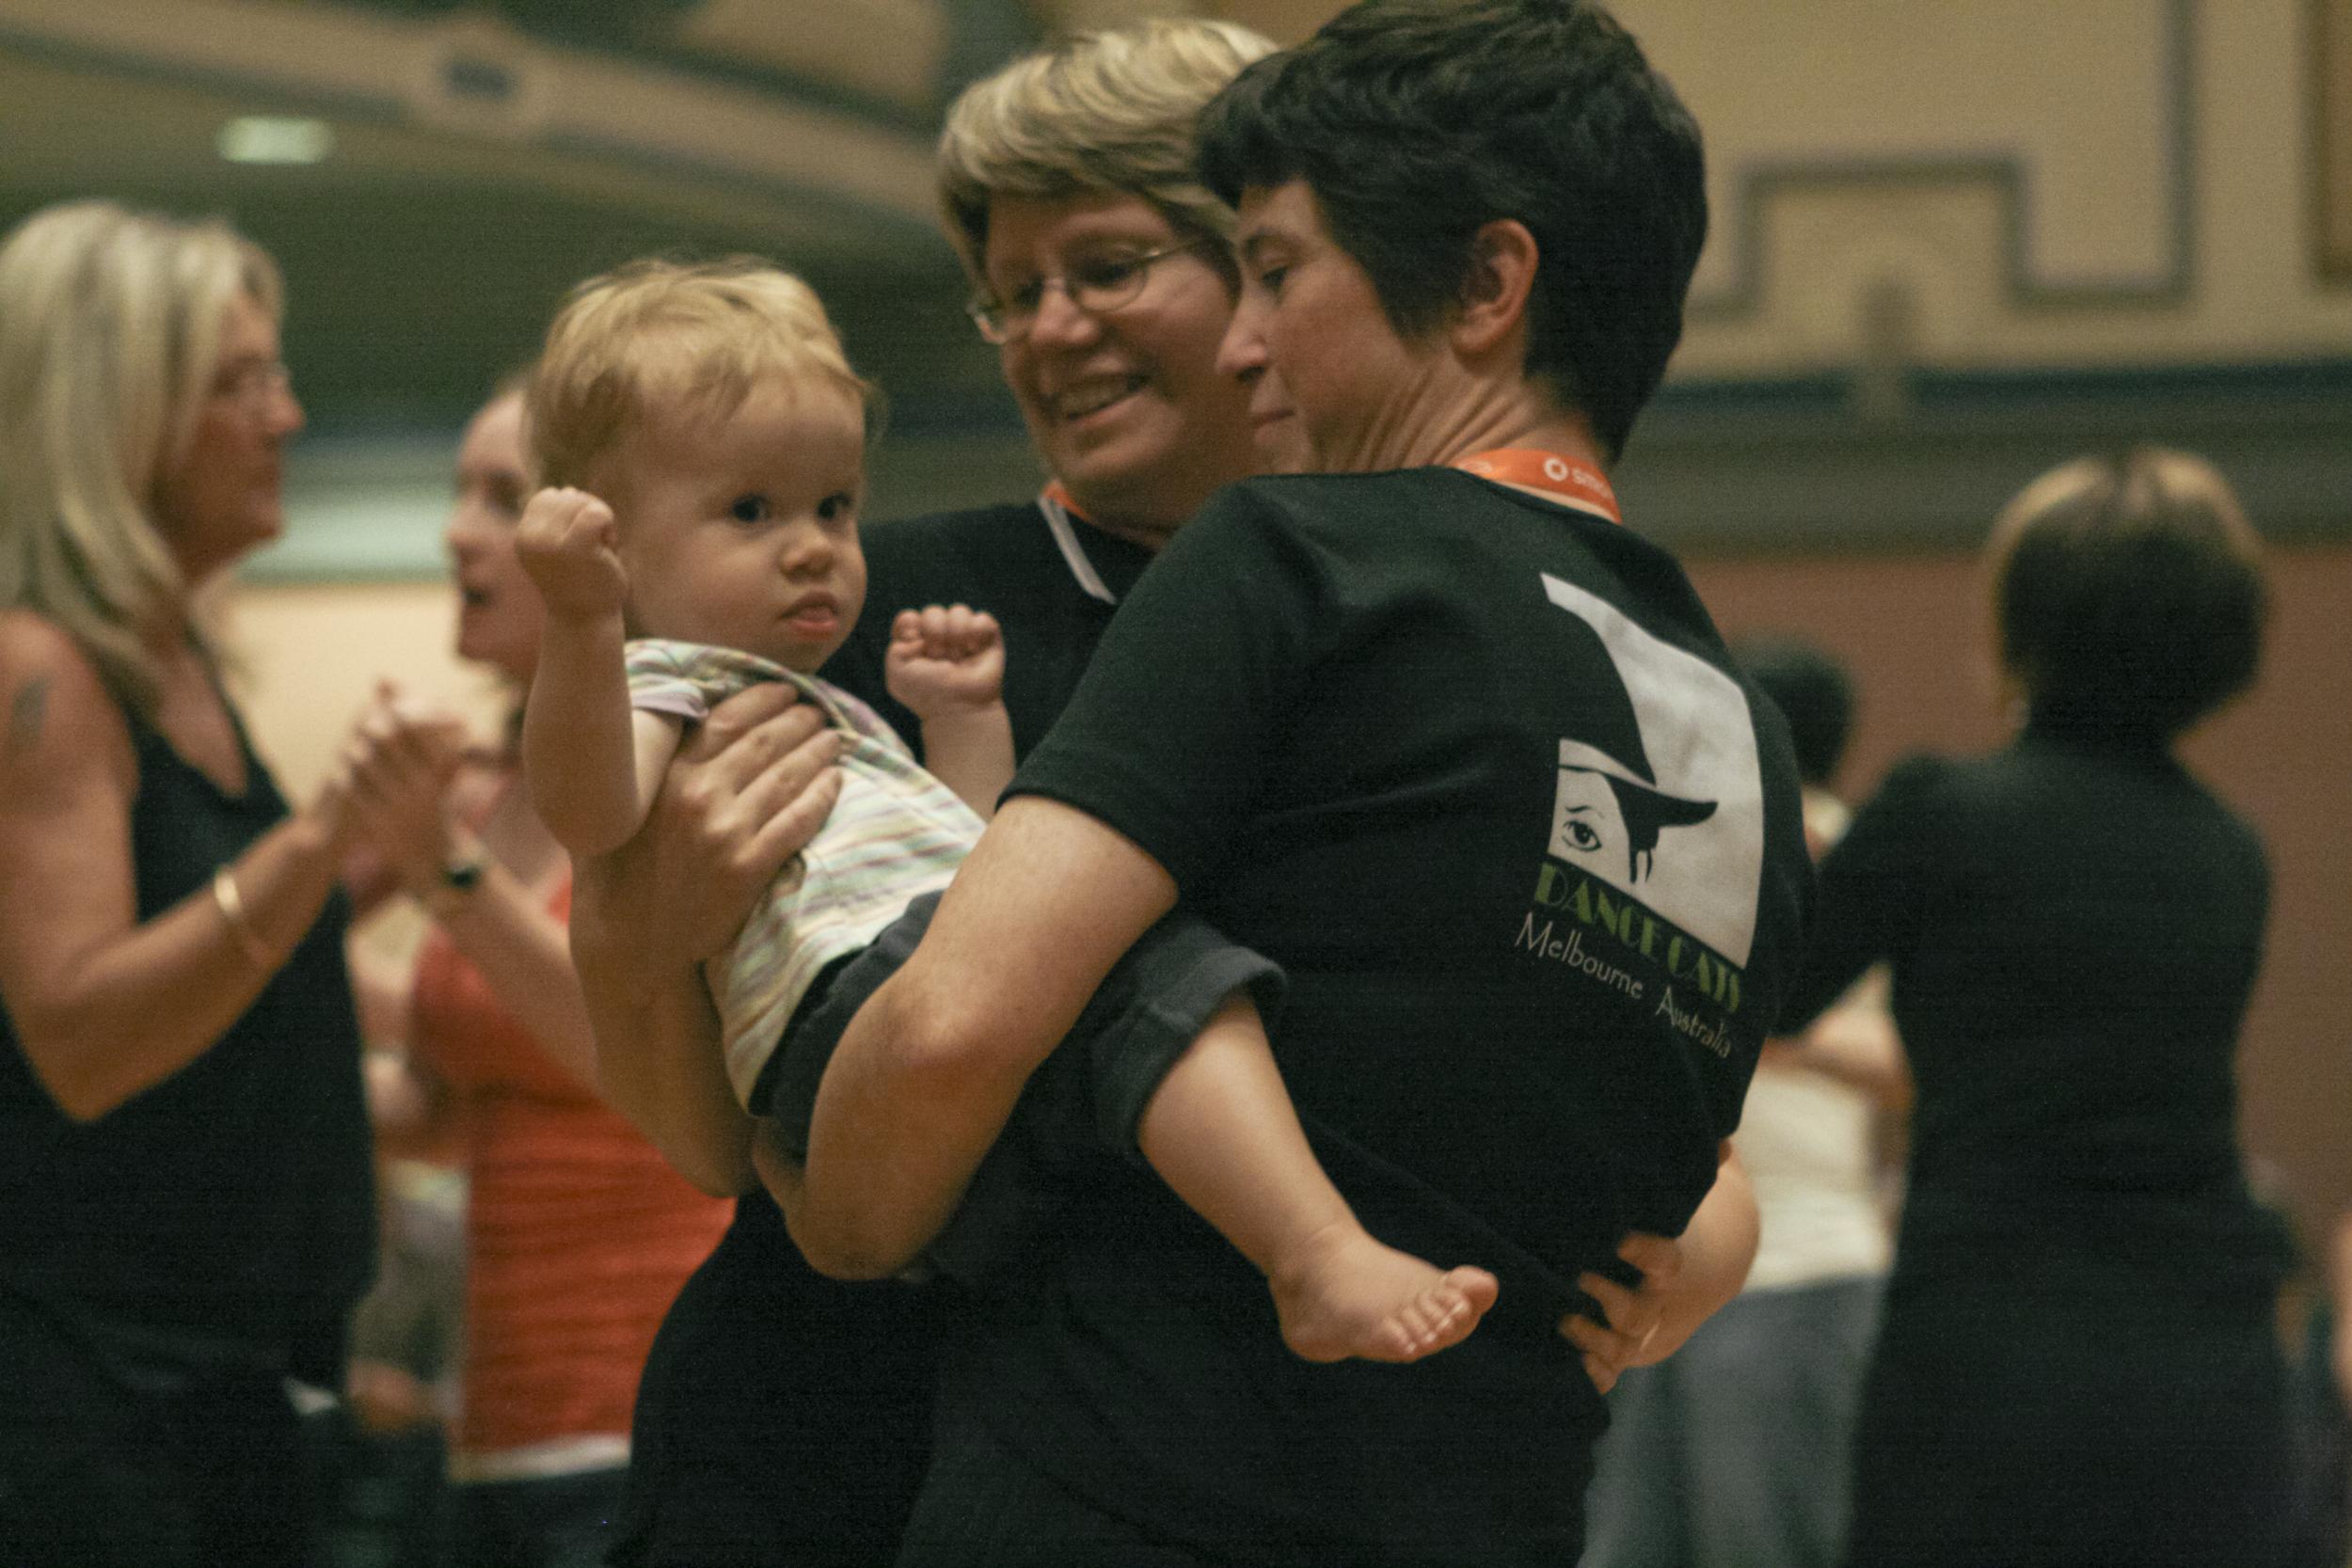 Vikk_Shayen_portfolio_OutGames 08 Dancesport-1073.jpg